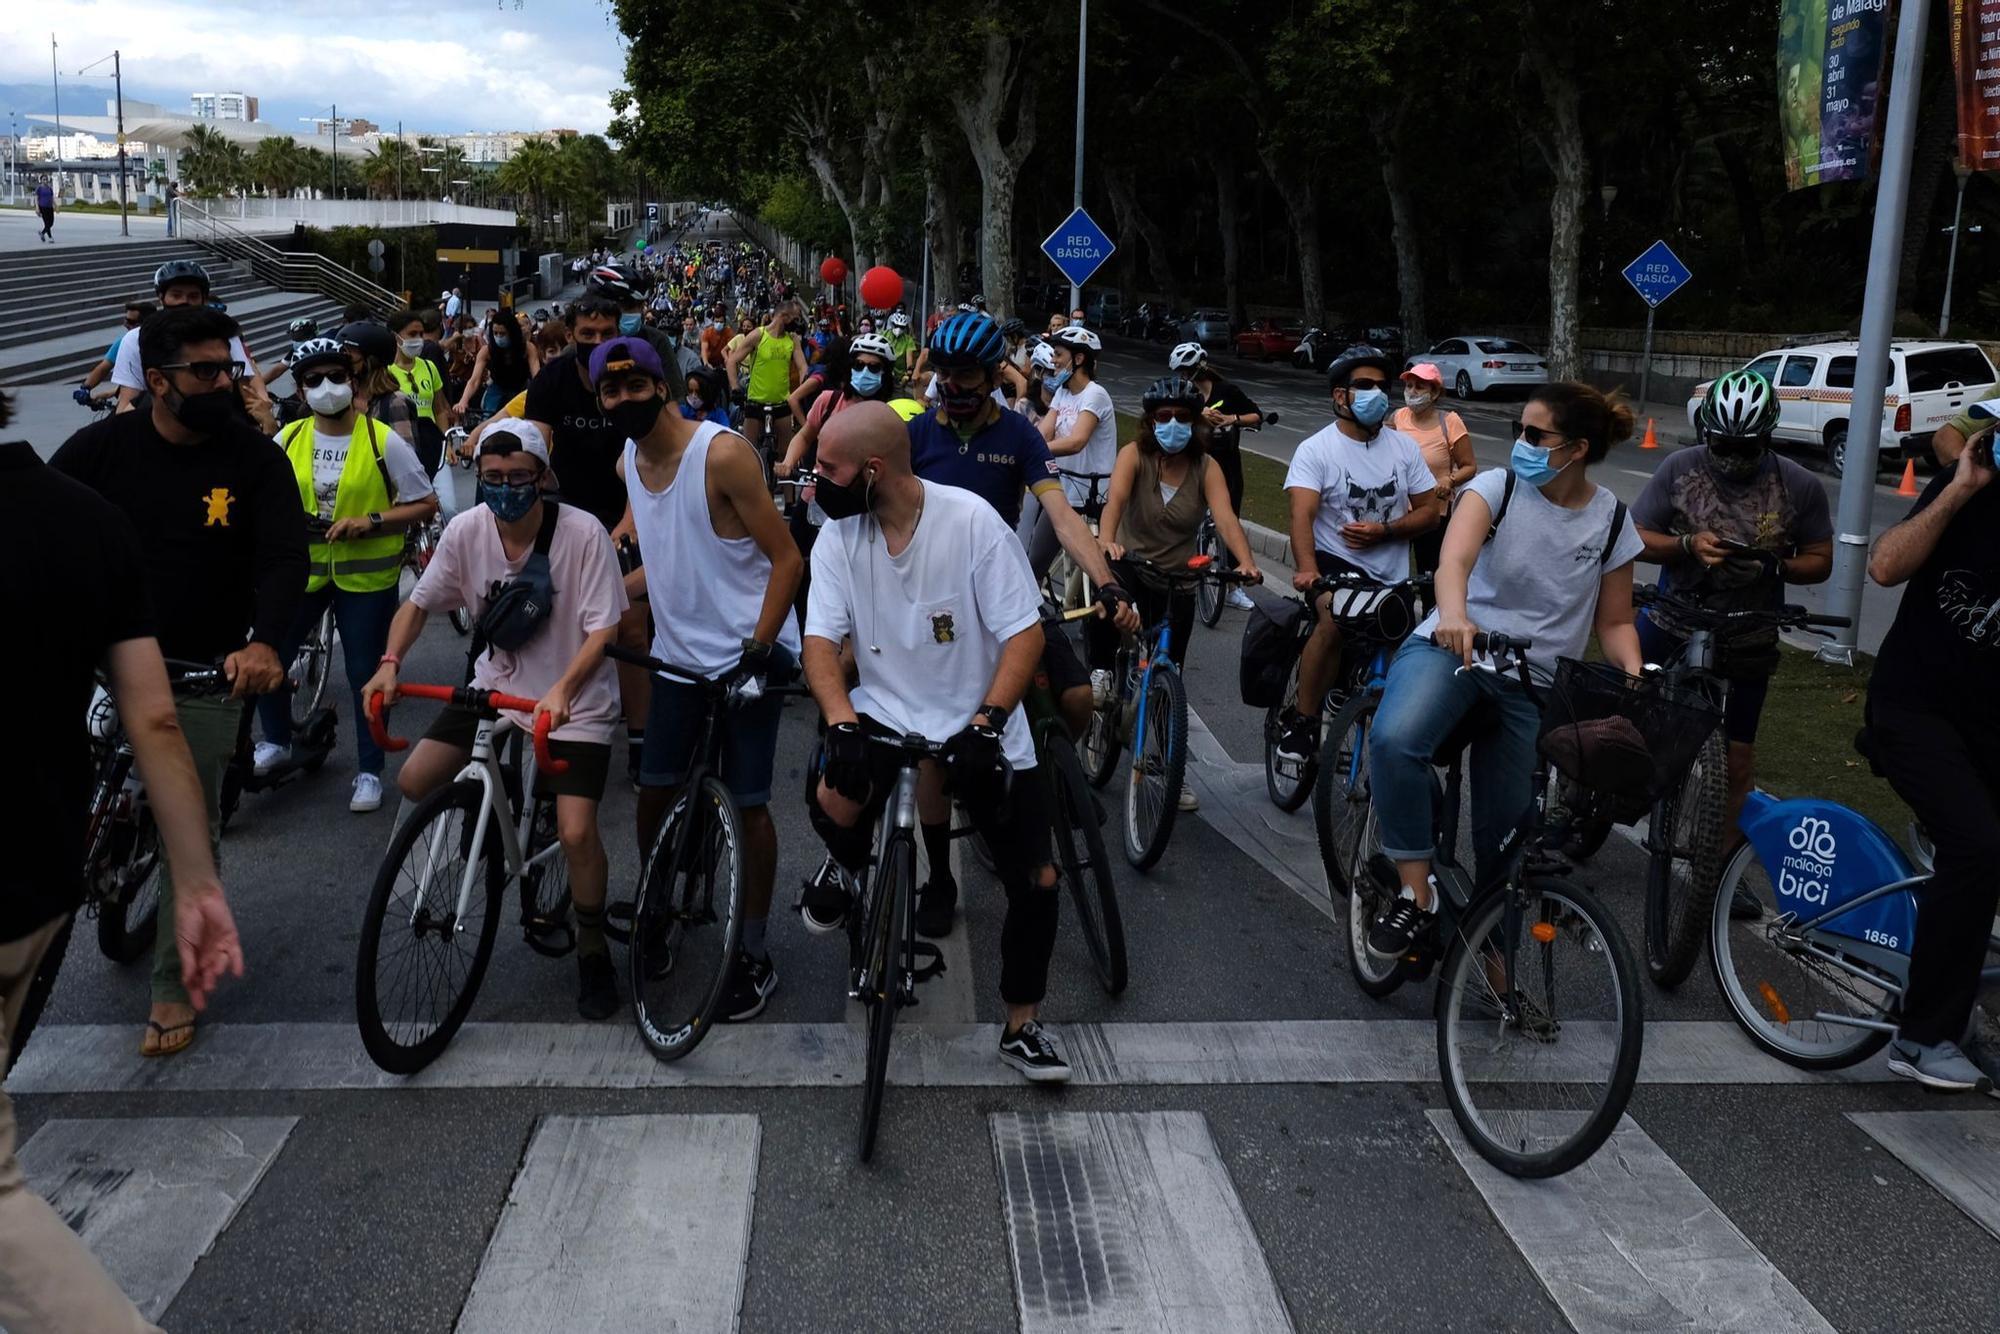 Bicifestación: Miles de ciclistas se manifiestan en Málaga por una movilidad sostenible